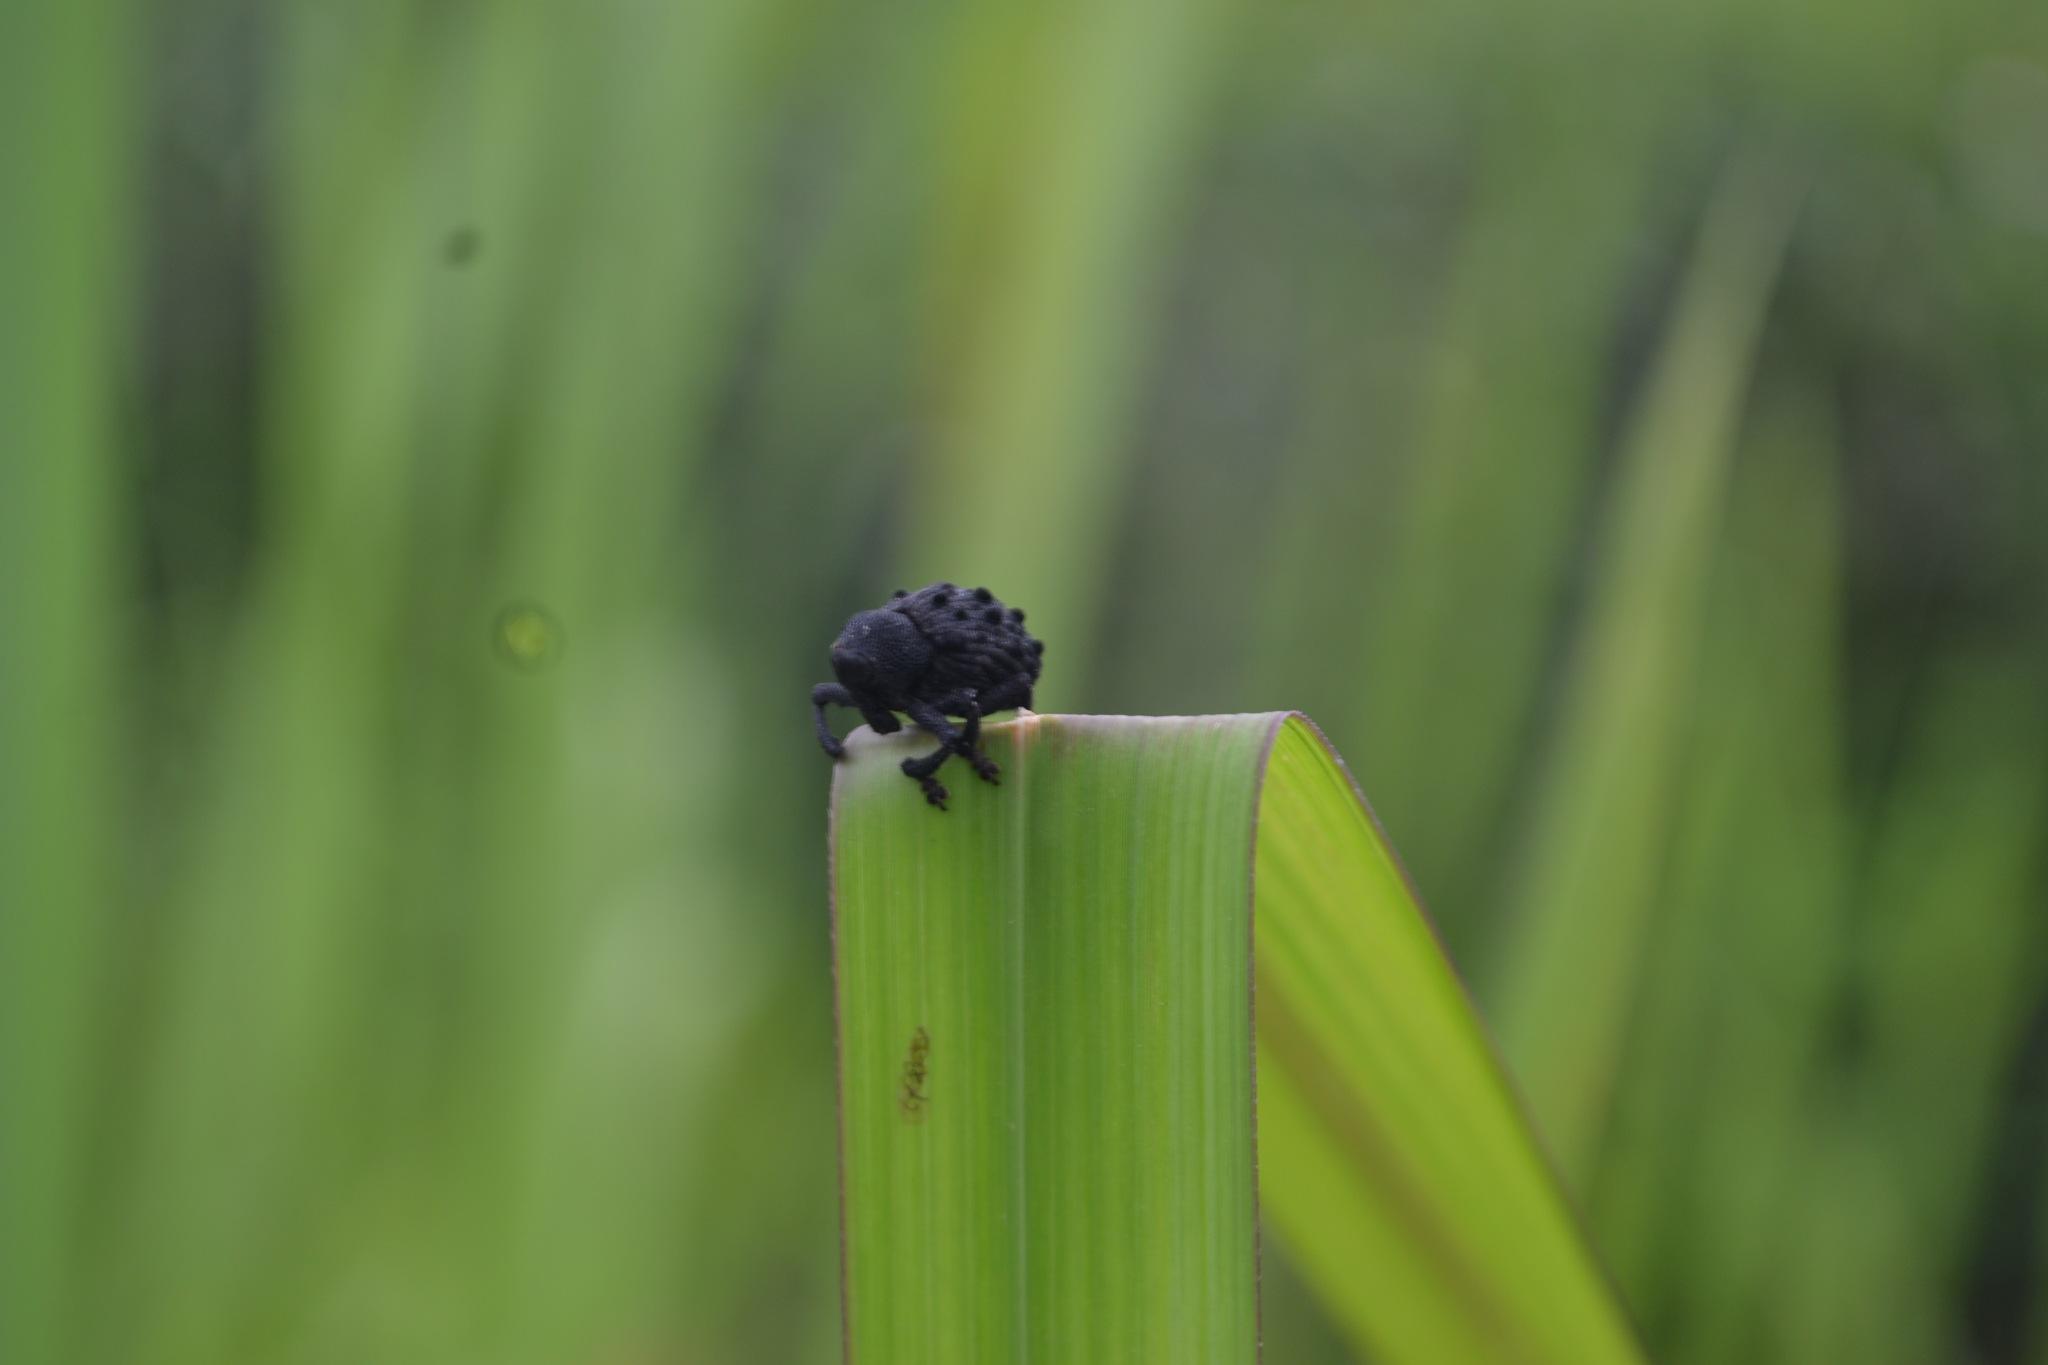 Black bug want to go by Kanittha Sritipeng